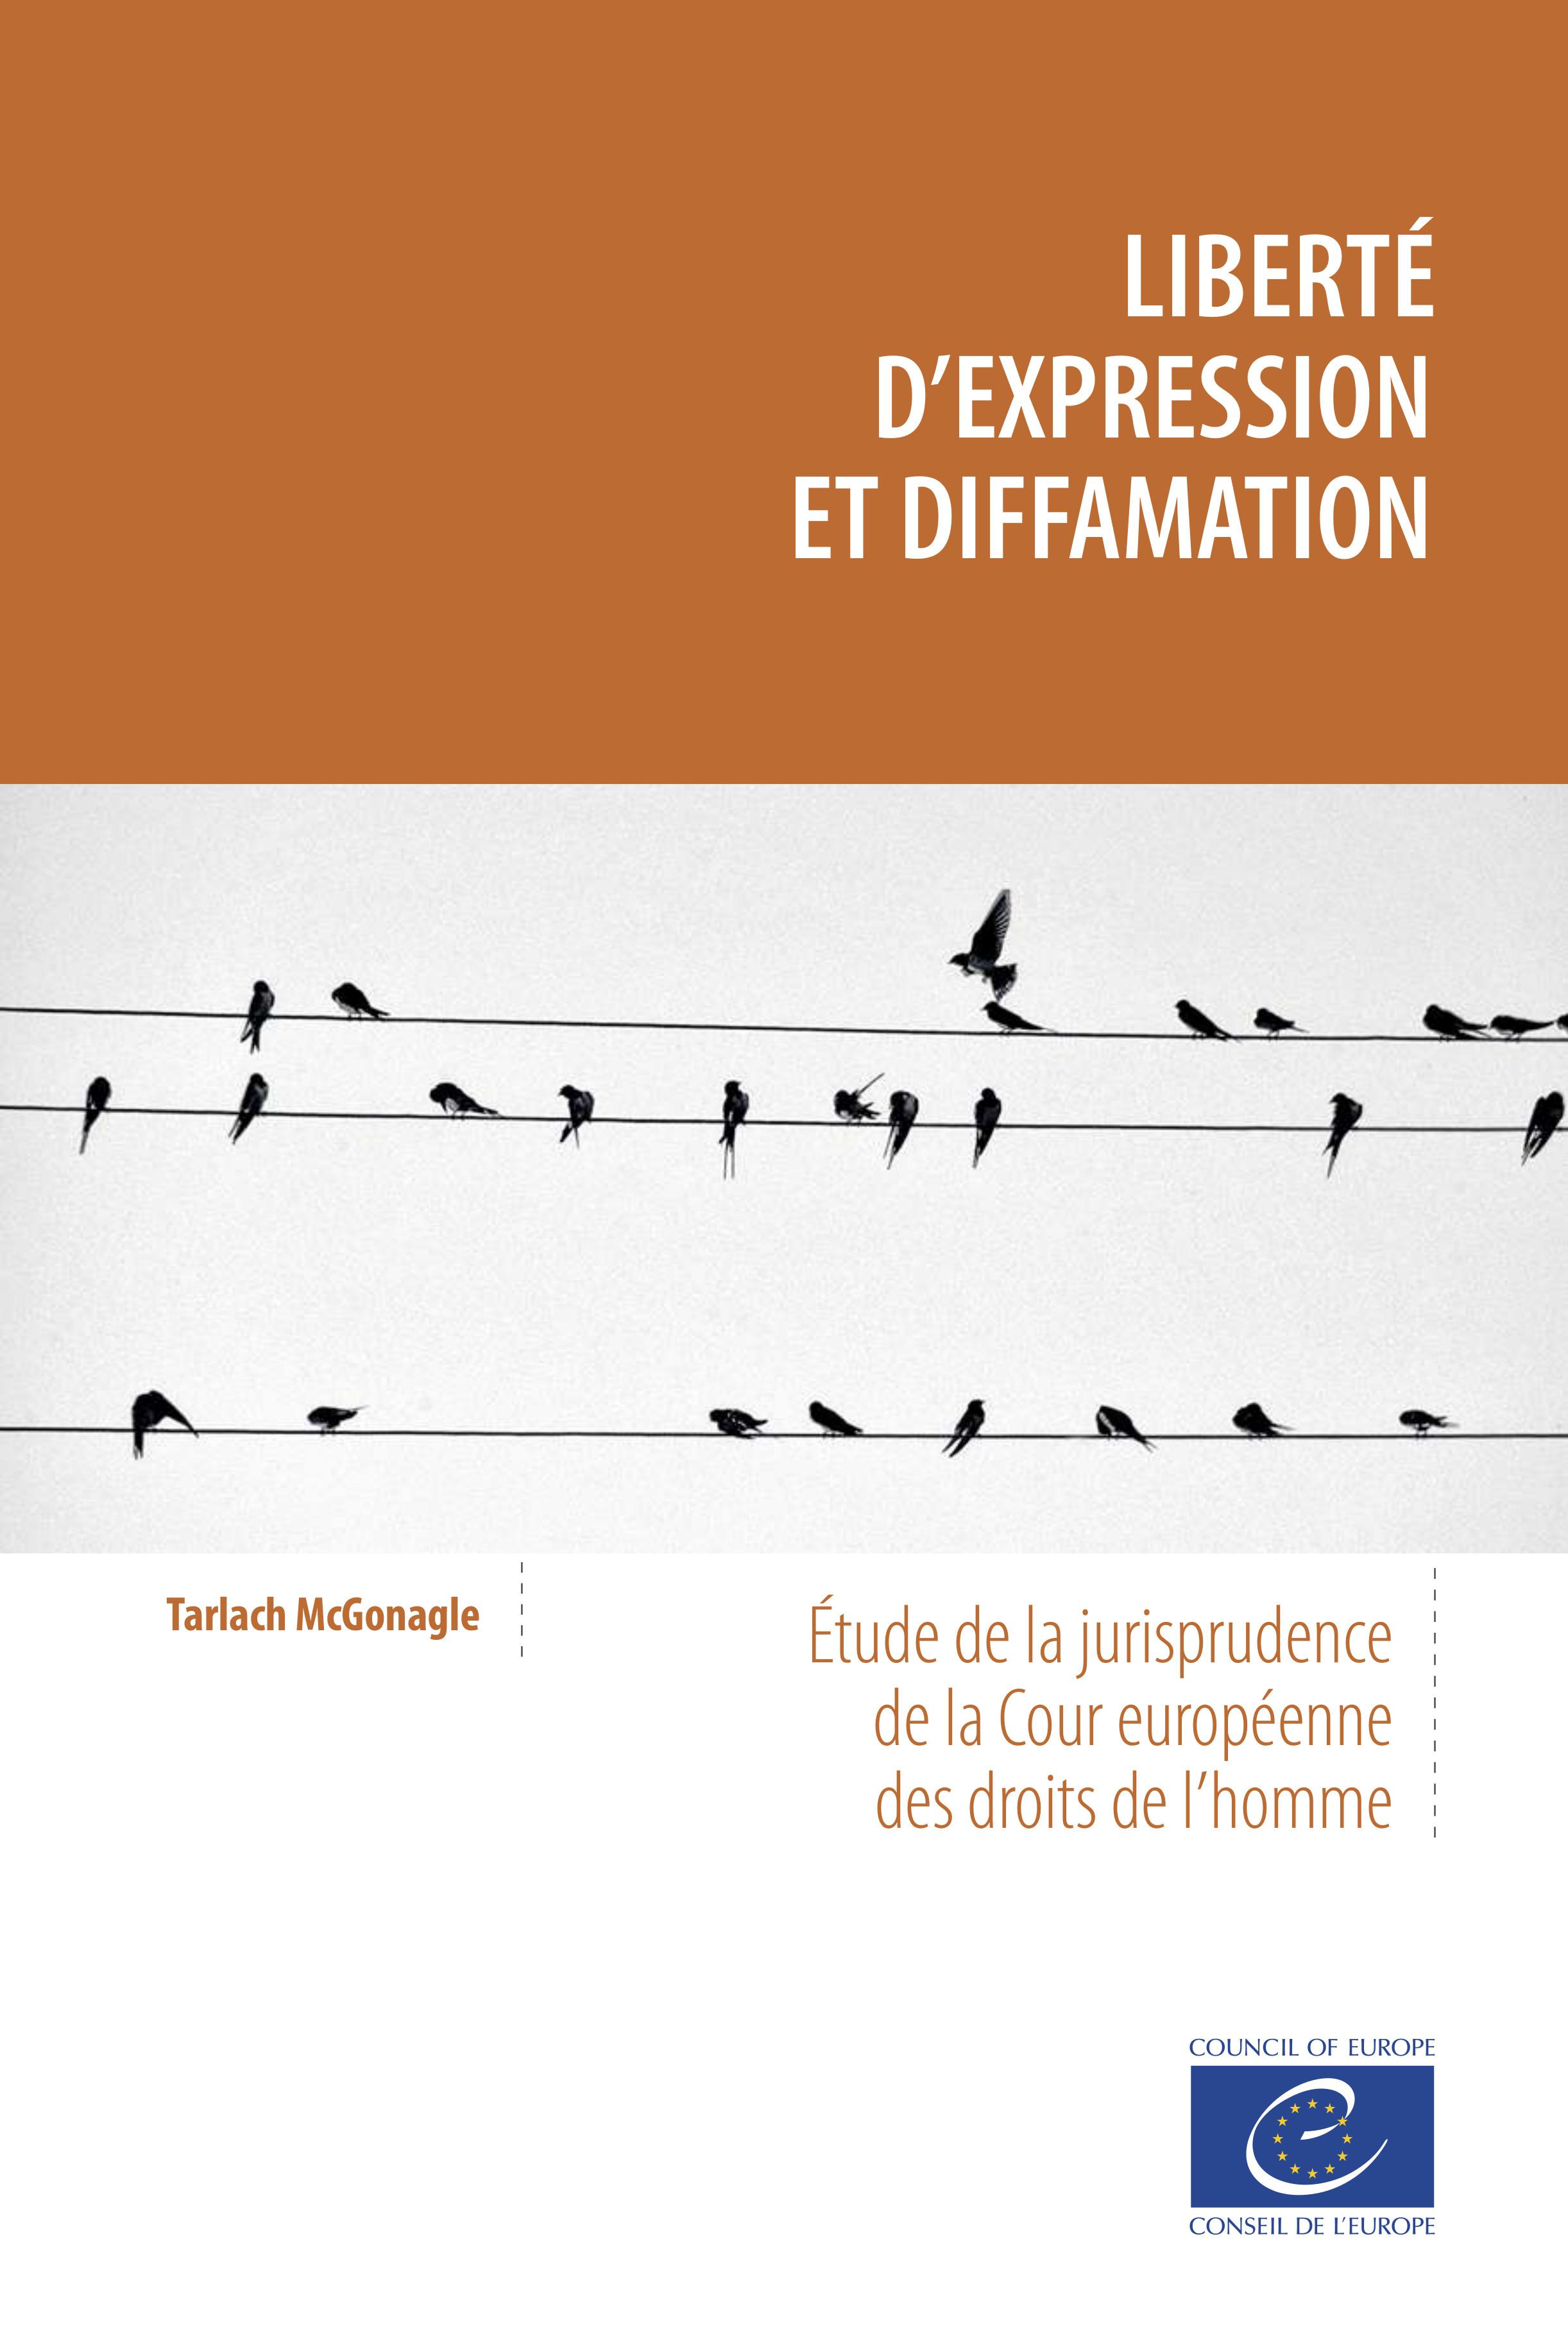 Liberté d'expression et diffamation